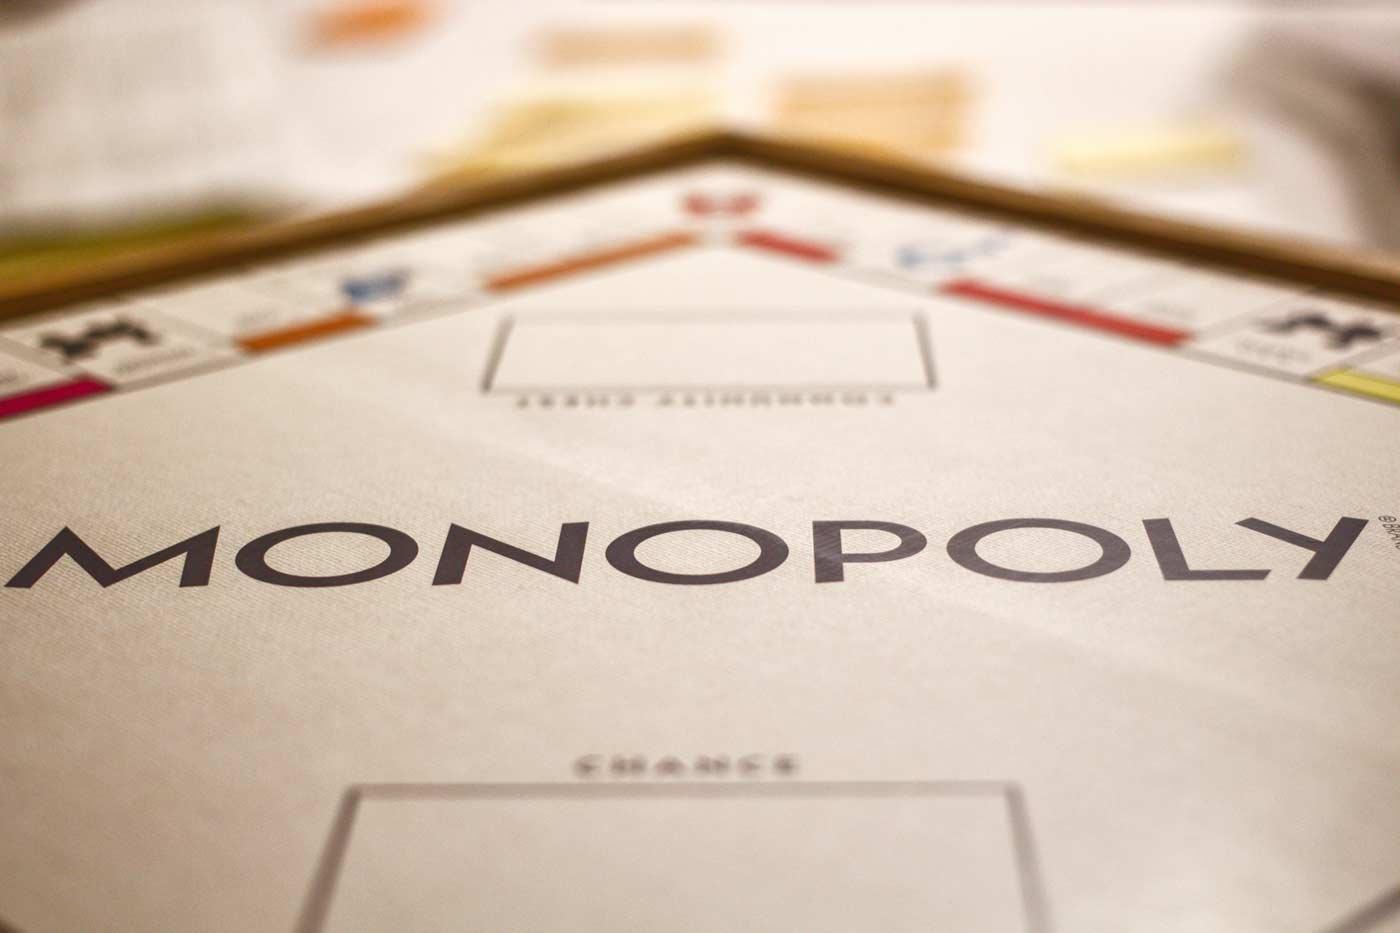 Planszówka znana wszystkim - monopoly